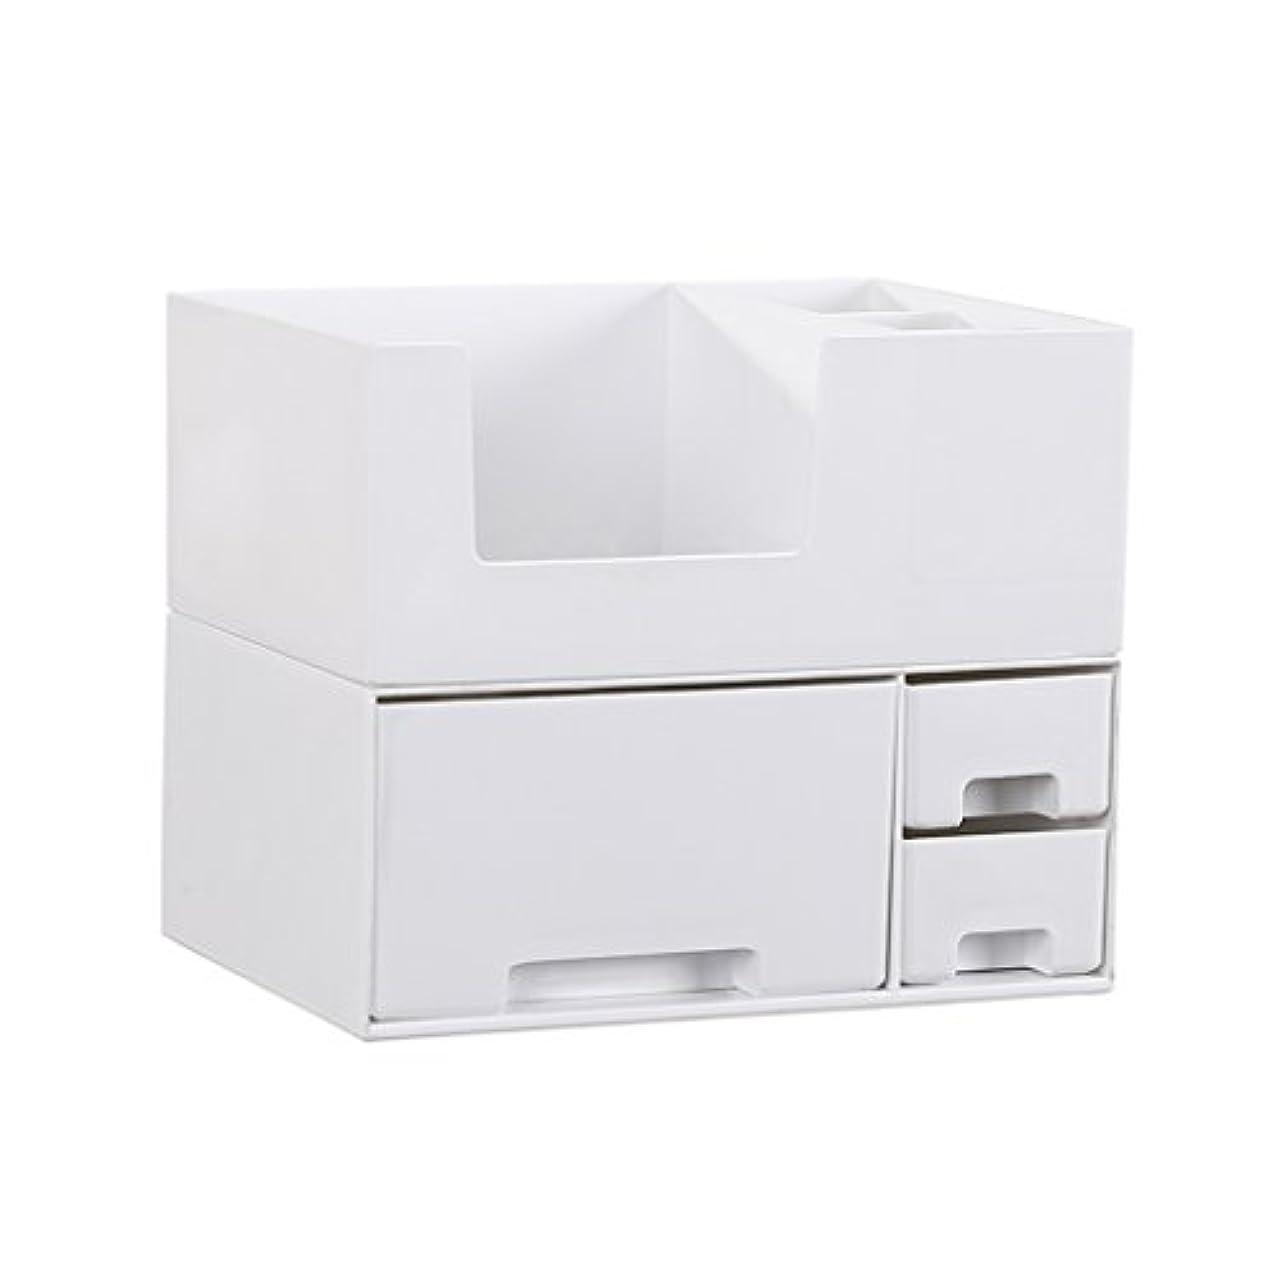 ロゴ水を飲むモードデスクトップ化粧品収納ボックス、スキンケア製品、フェイシャルマスク、ジュエリー、収納ラック、白い2階建て多目的収納ボックス